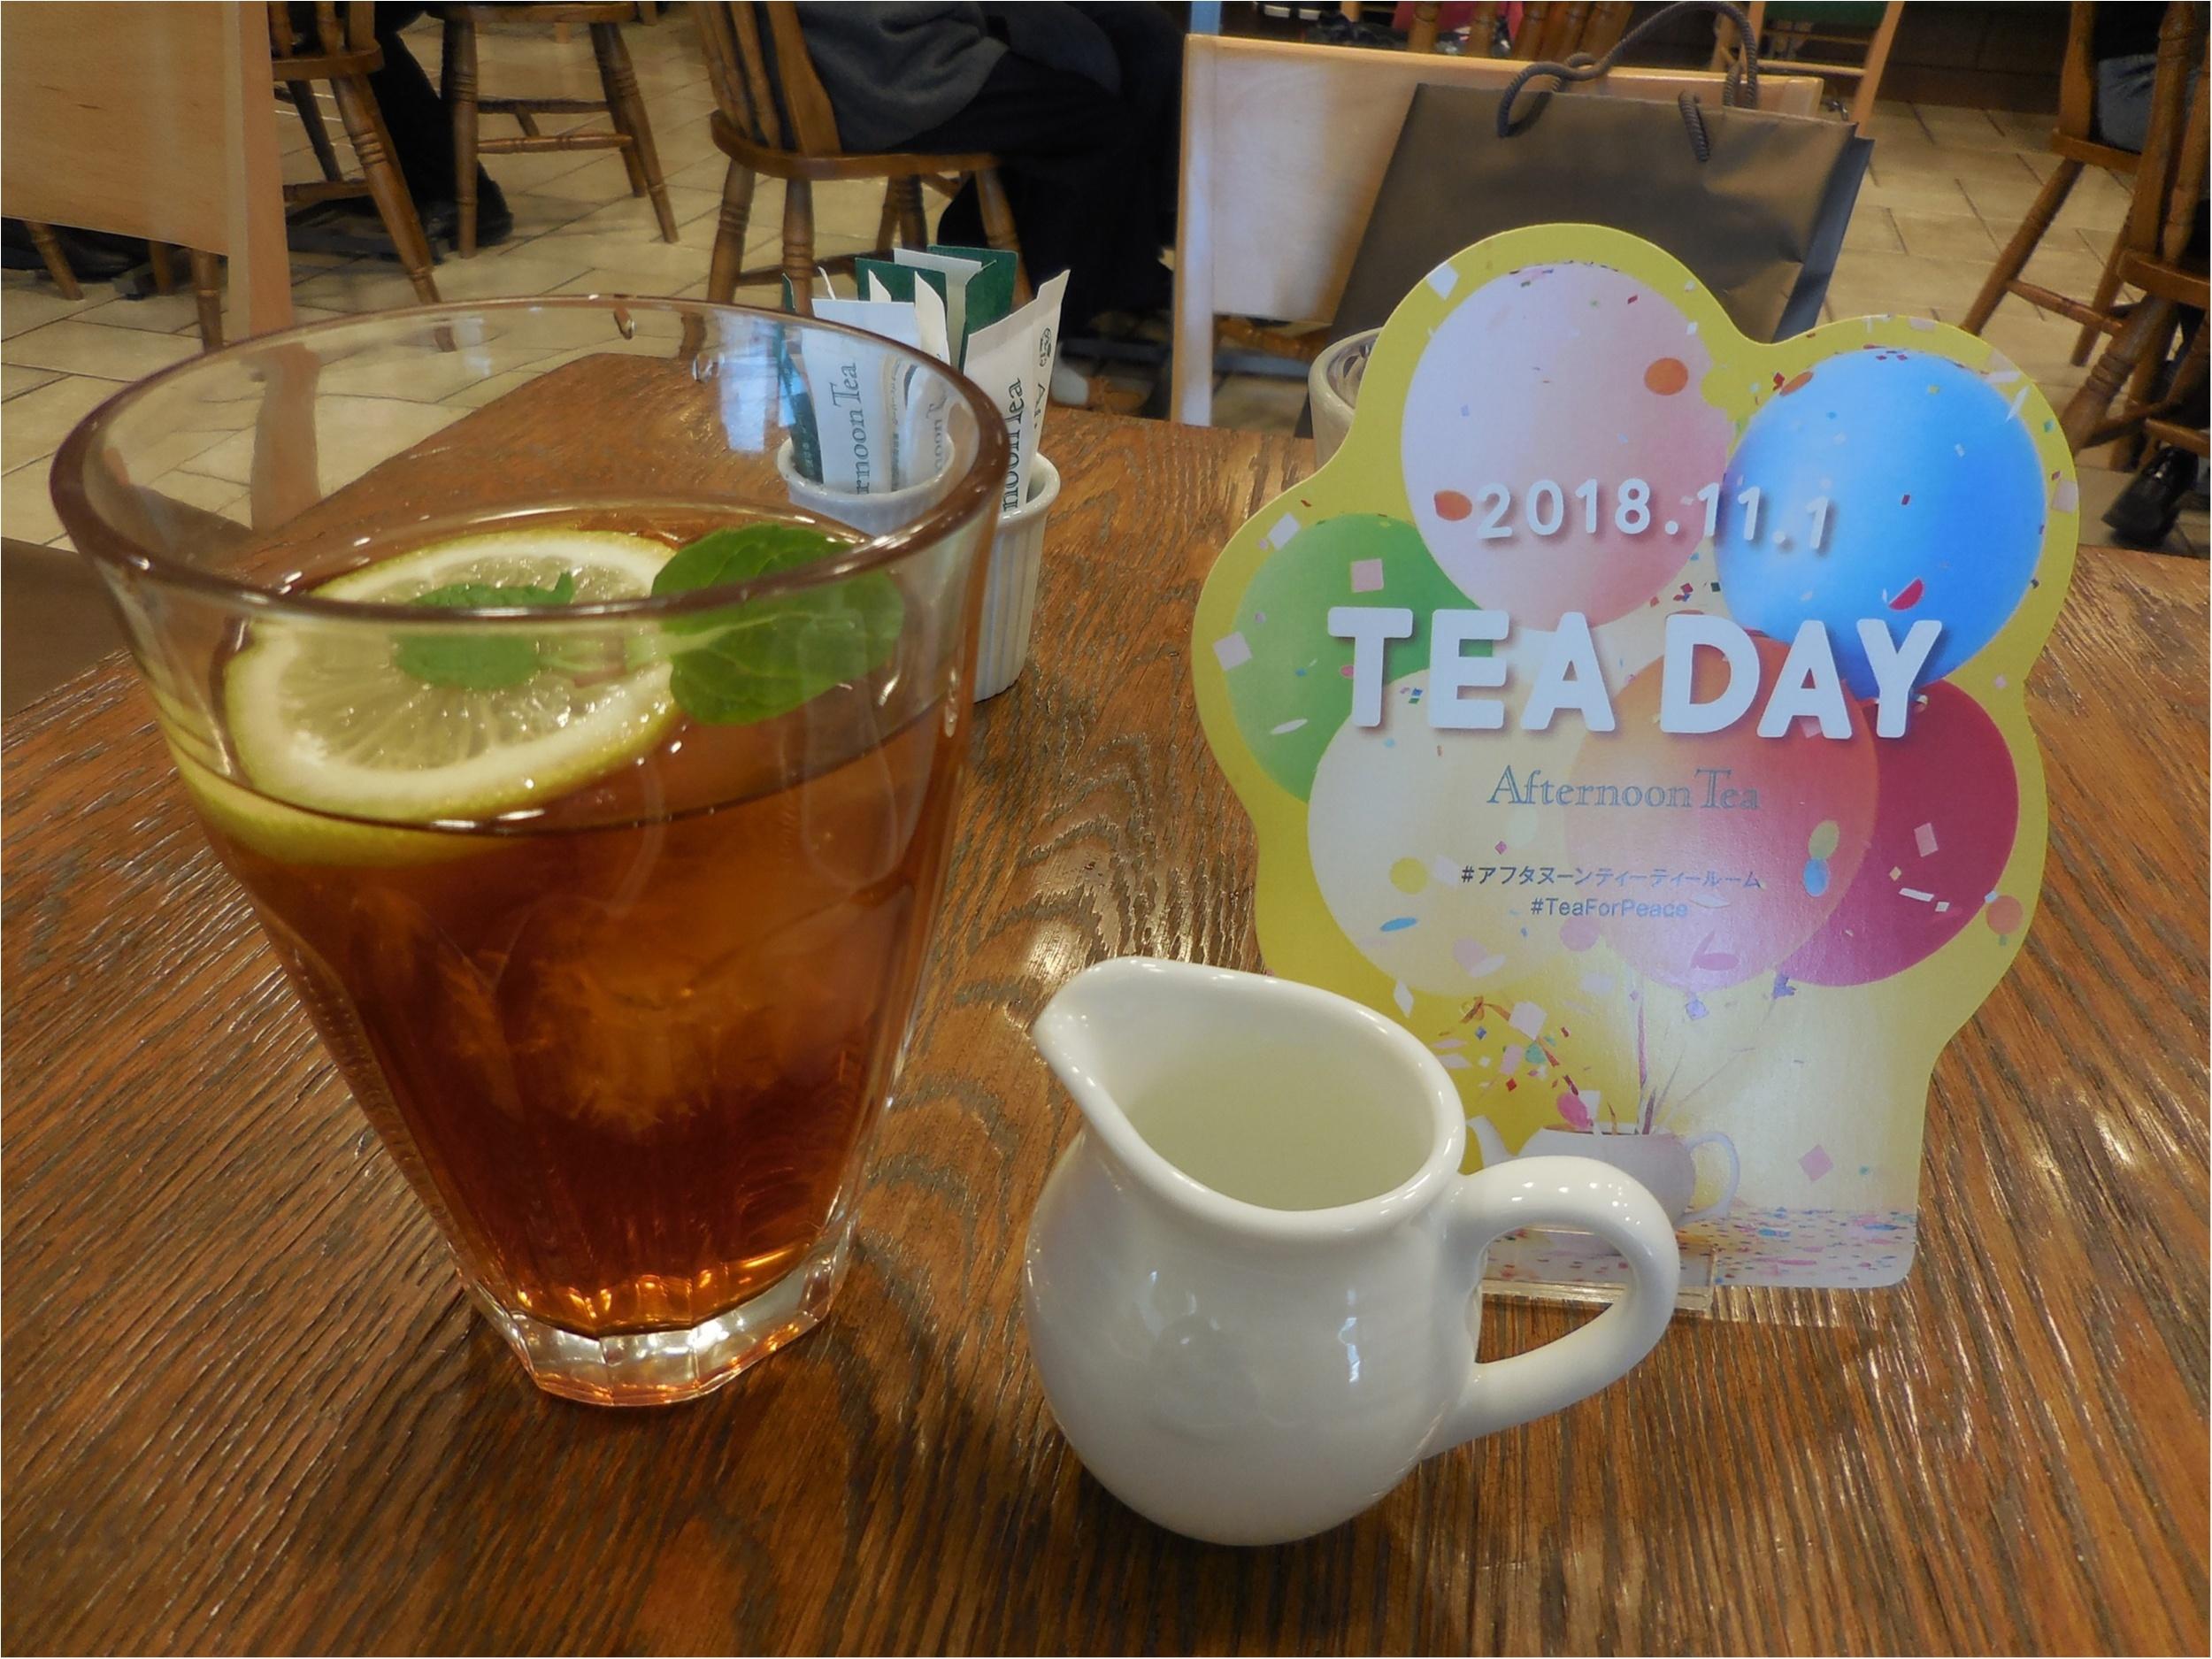 【アフタヌーンティー・ティールーム TEA DAY】11月1日は紅茶の日で店内すべての紅茶が111円でした_3